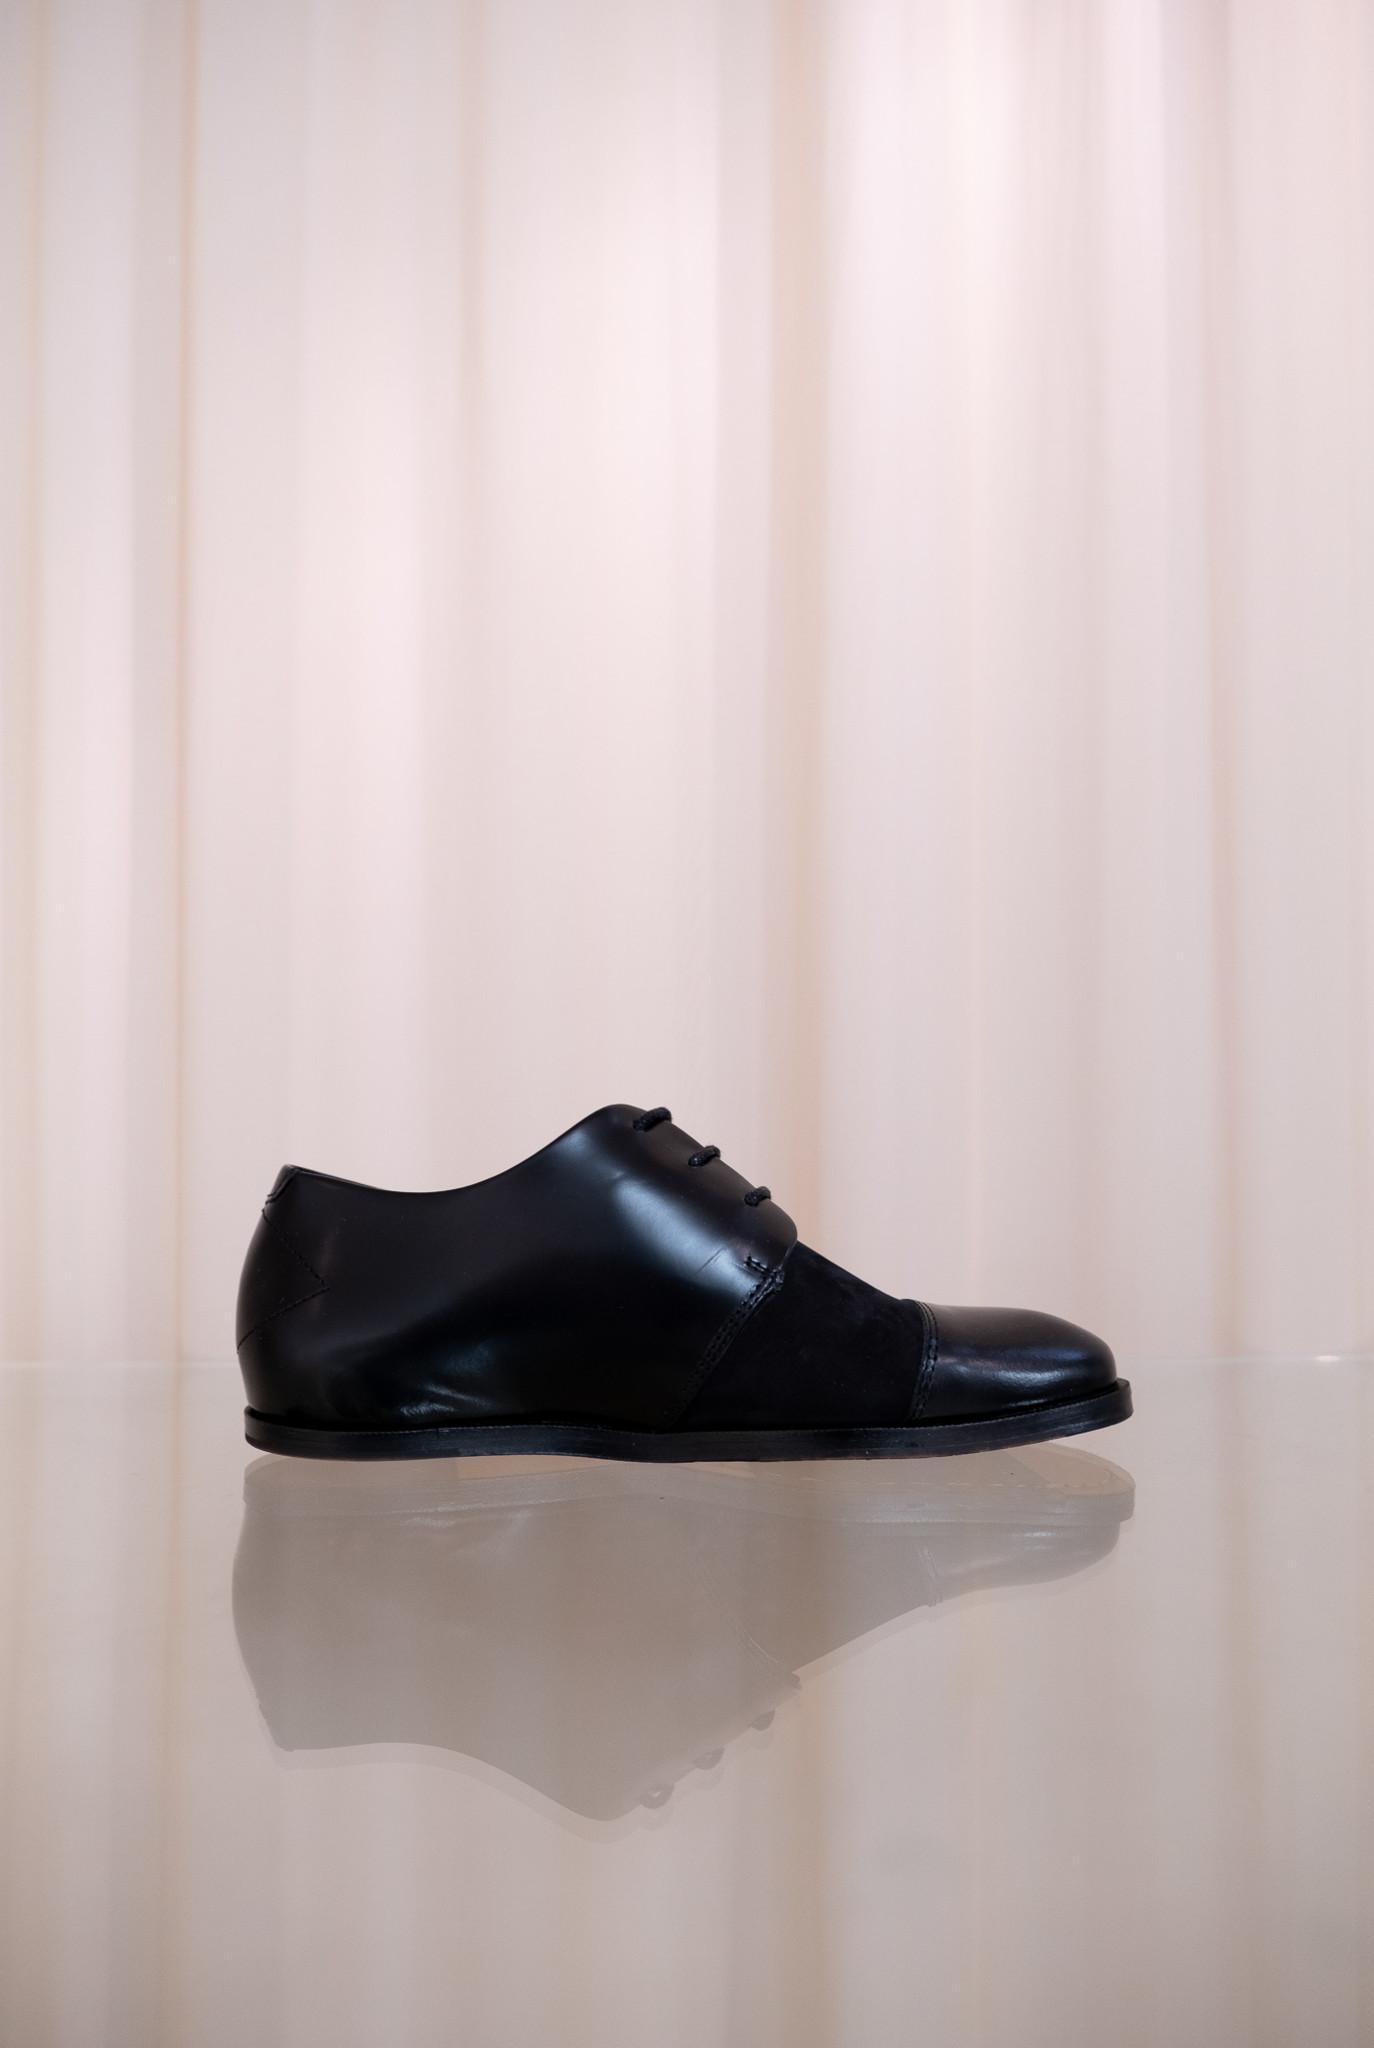 Muanza lace-up shoes black